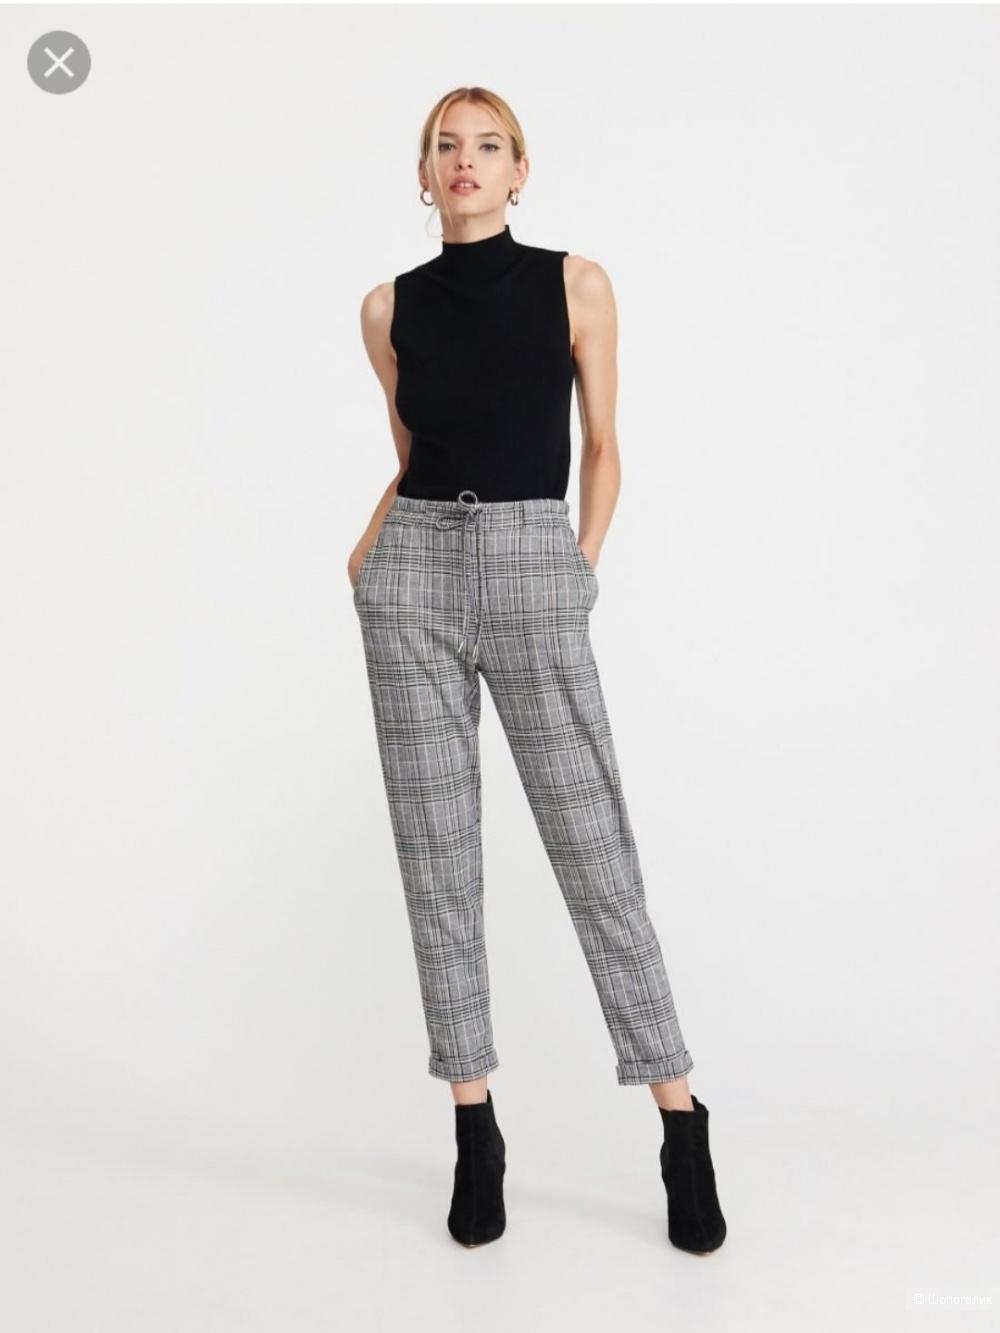 Трикотажные брюки/леггинсы марки Only, размер XL (маломерят сильно)